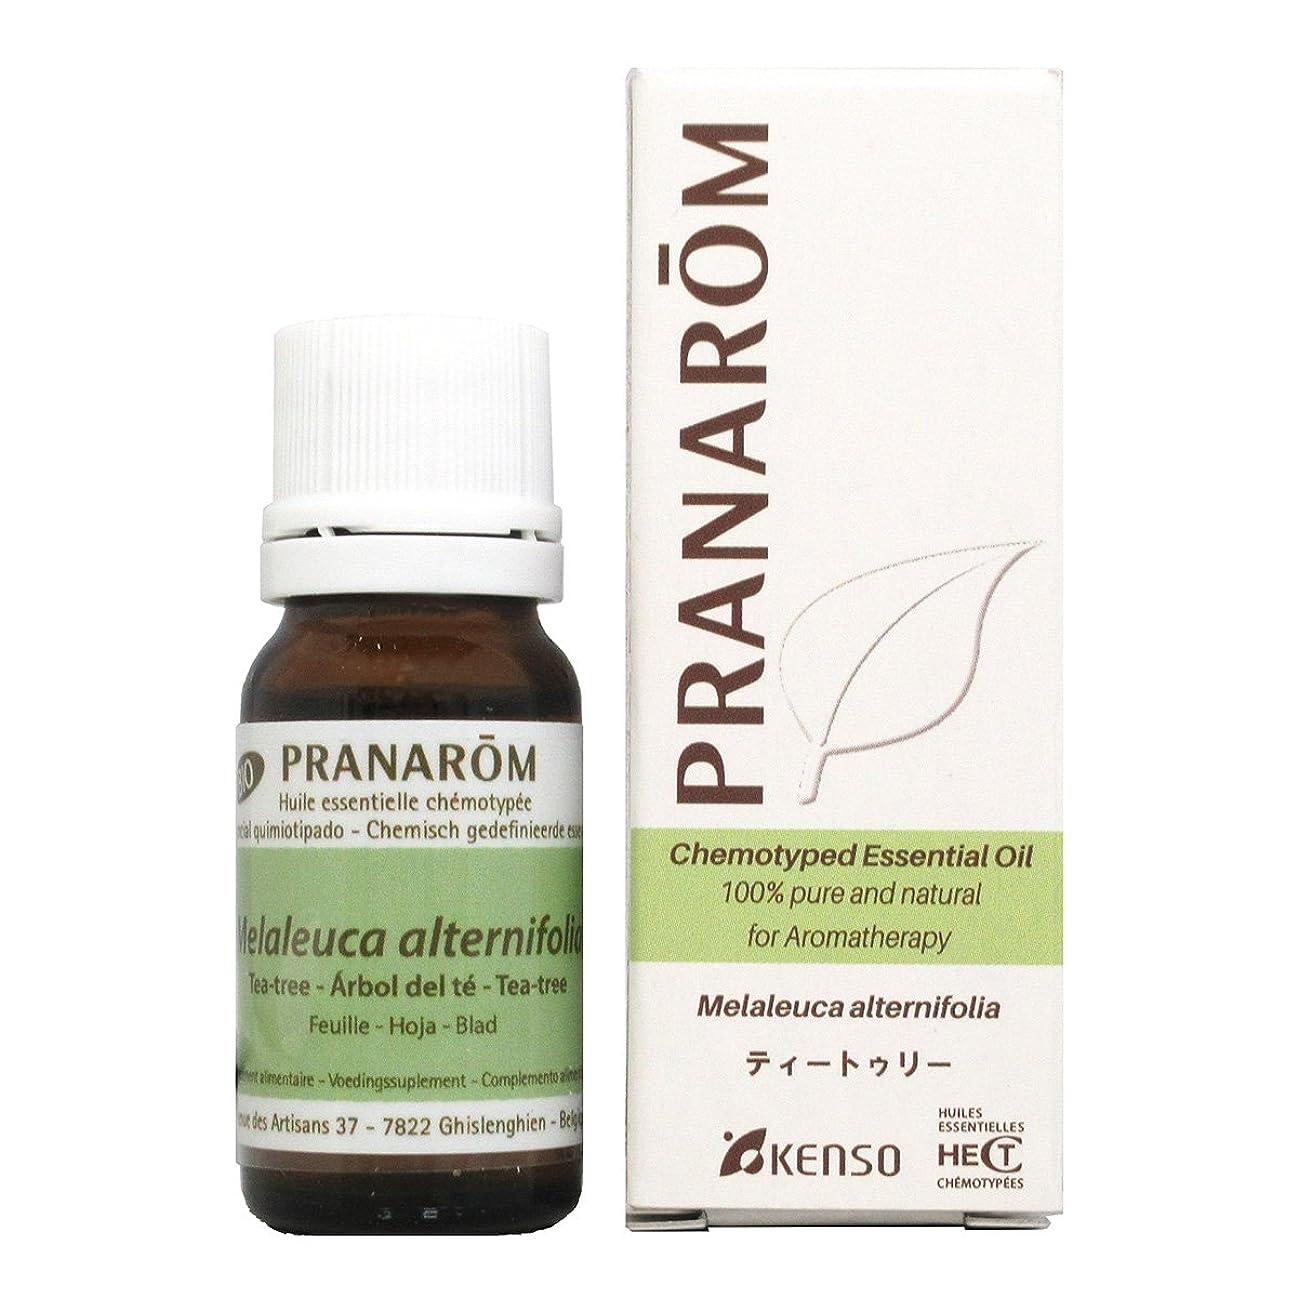 それから貧困発症【ティートリー 10ml】→フレッシュでスパイシーな香り?(森林浴系)[PRANAROM(プラナロム)精油/アロマオイル/エッセンシャルオイル]P-109